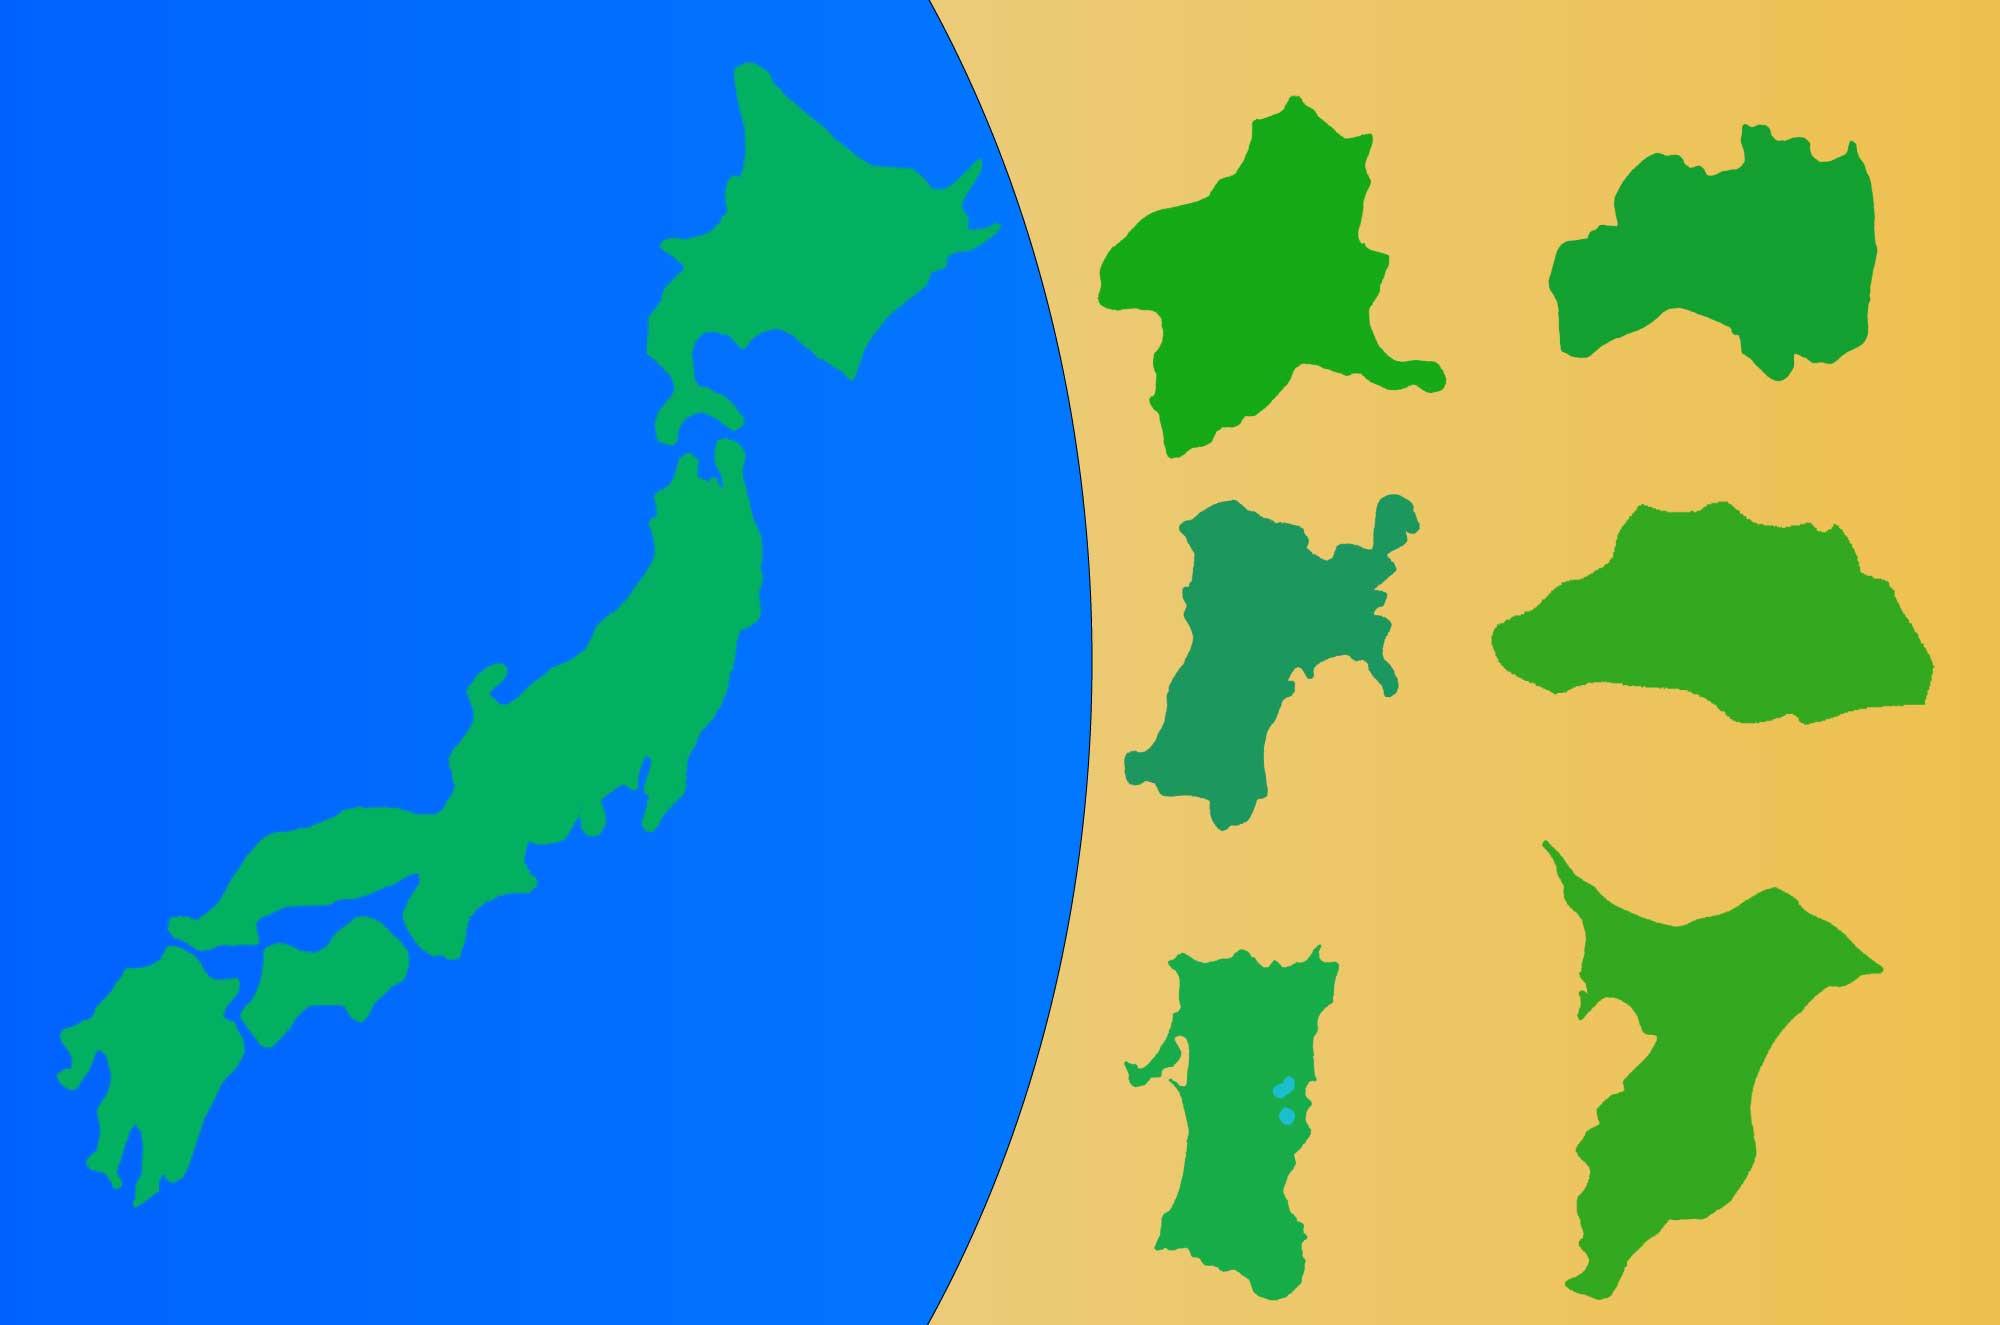 日本地図のイラスト - フリーの都道府県別の素材集